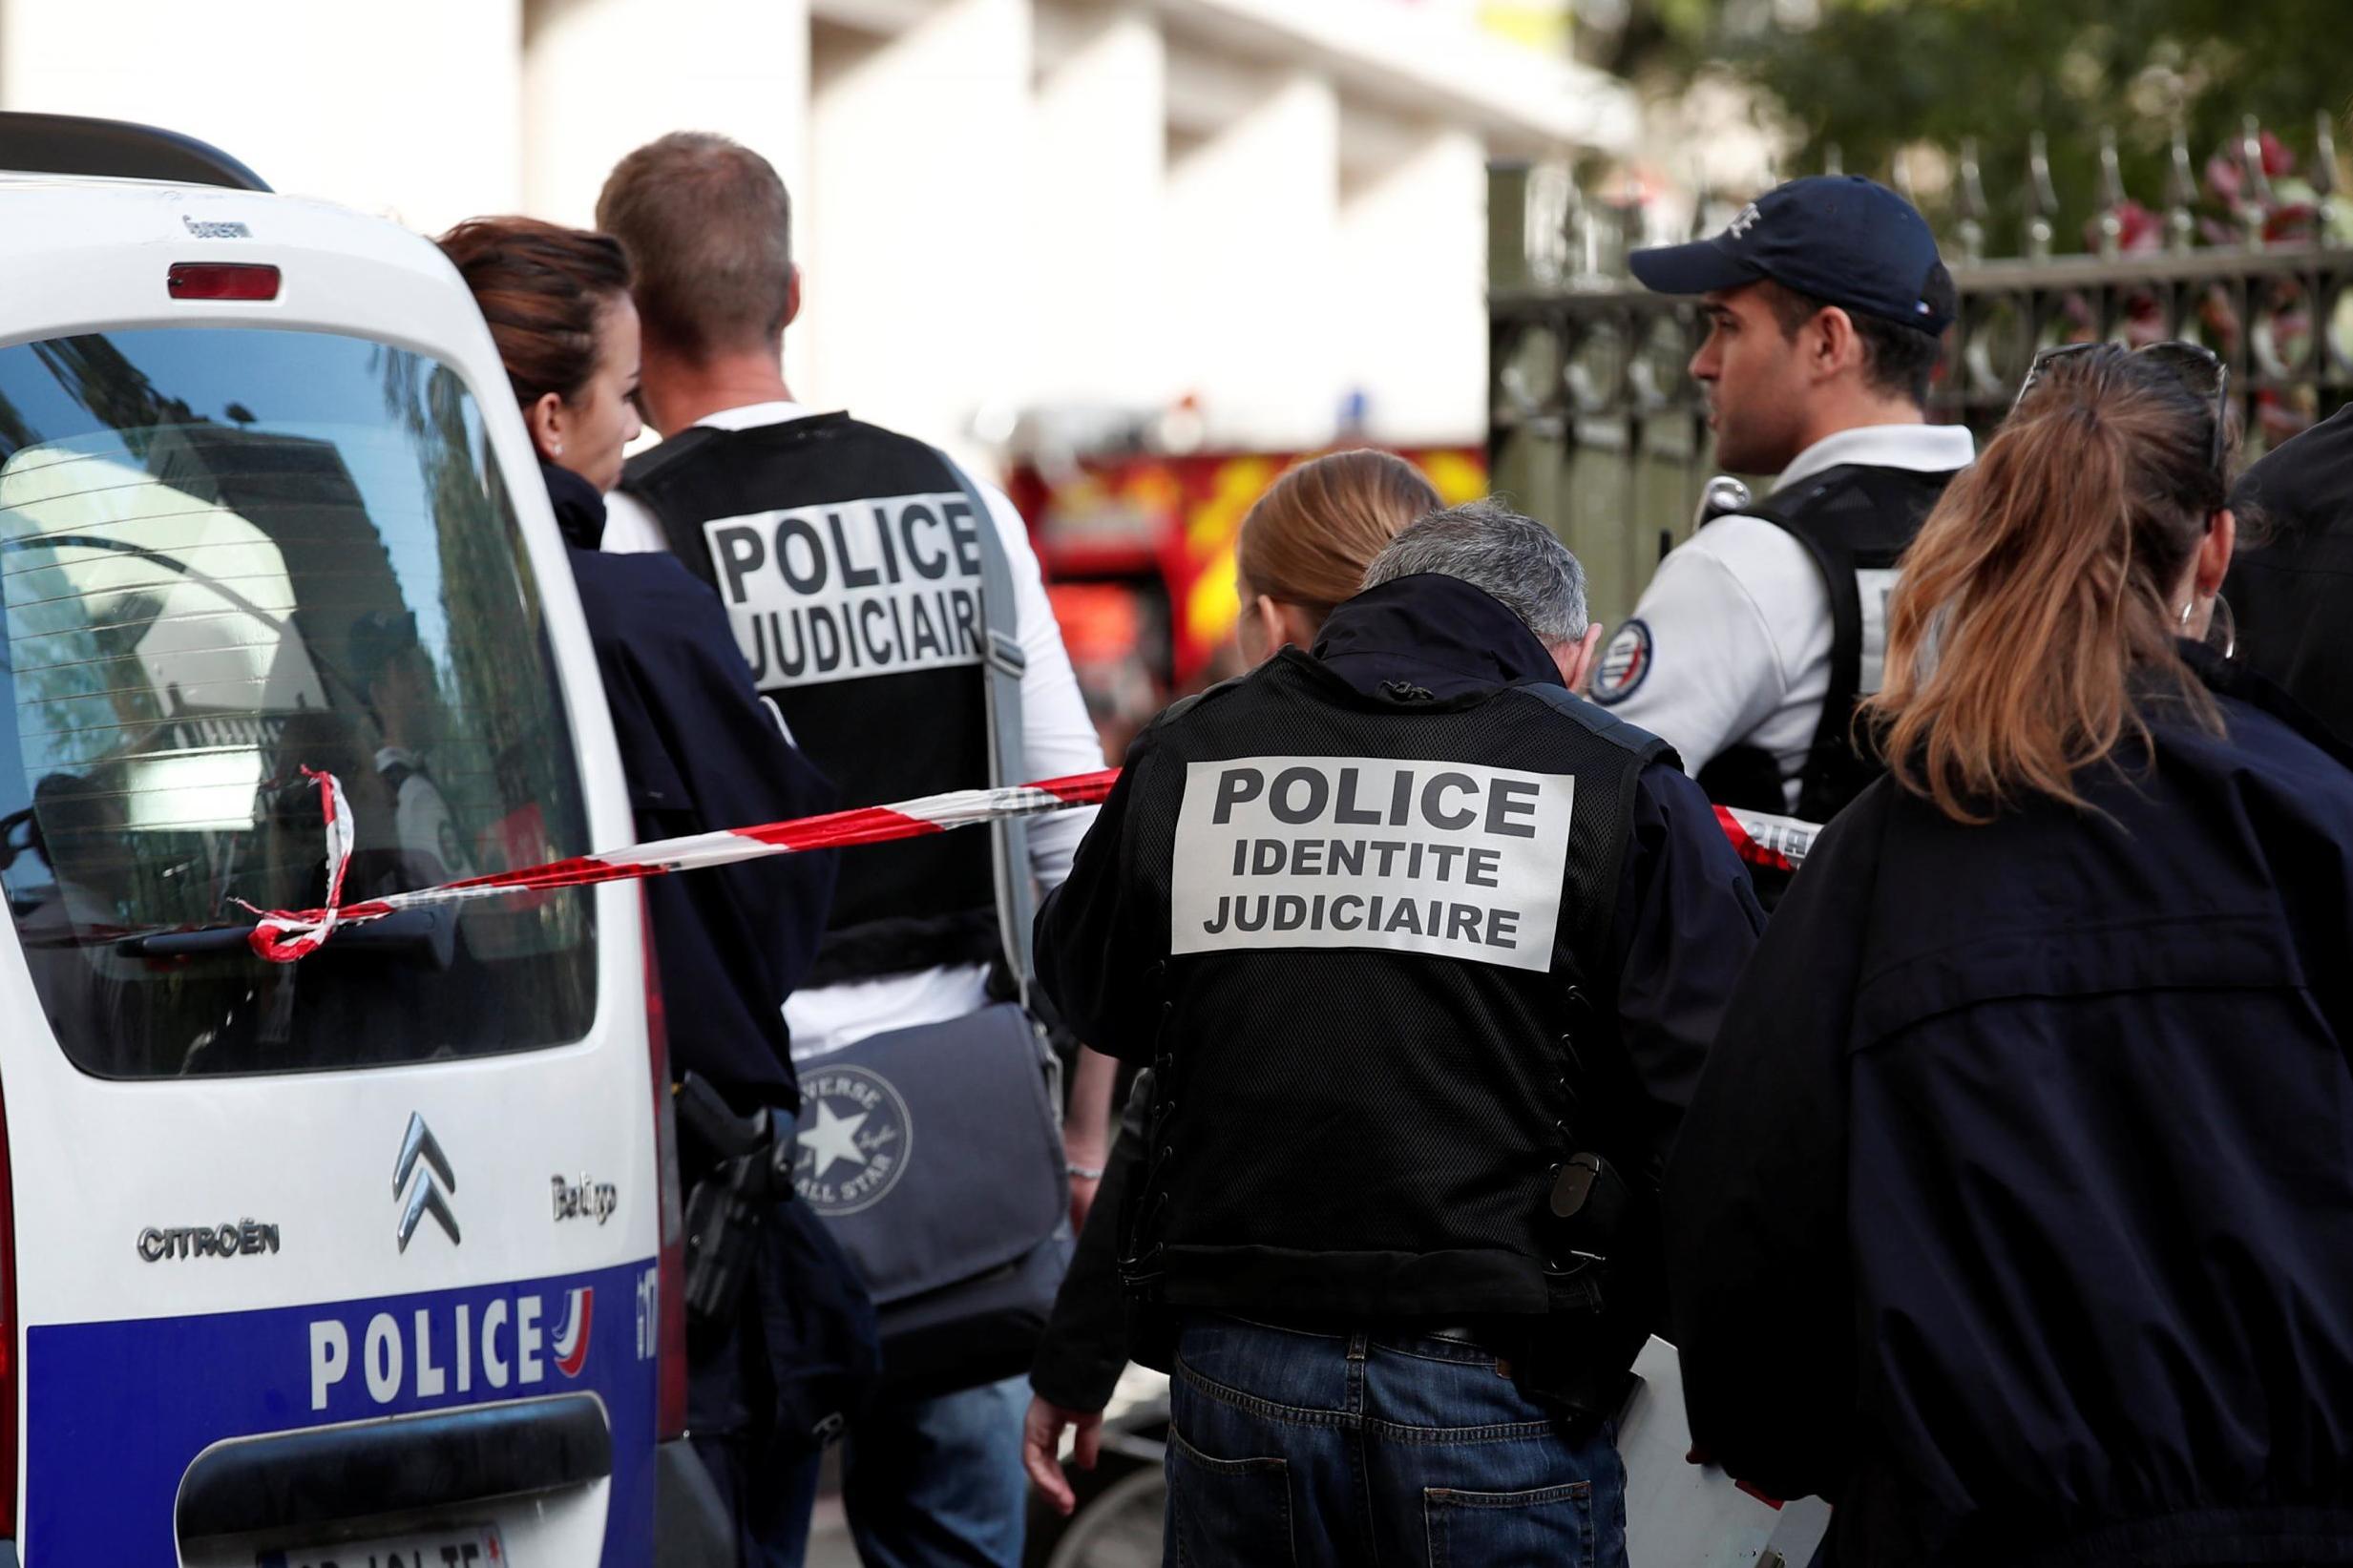 """فرنسا.. مطالبات بمحاكمات  عادلة """"للجهاديين"""" الموقوفين بسوريا والعراق"""